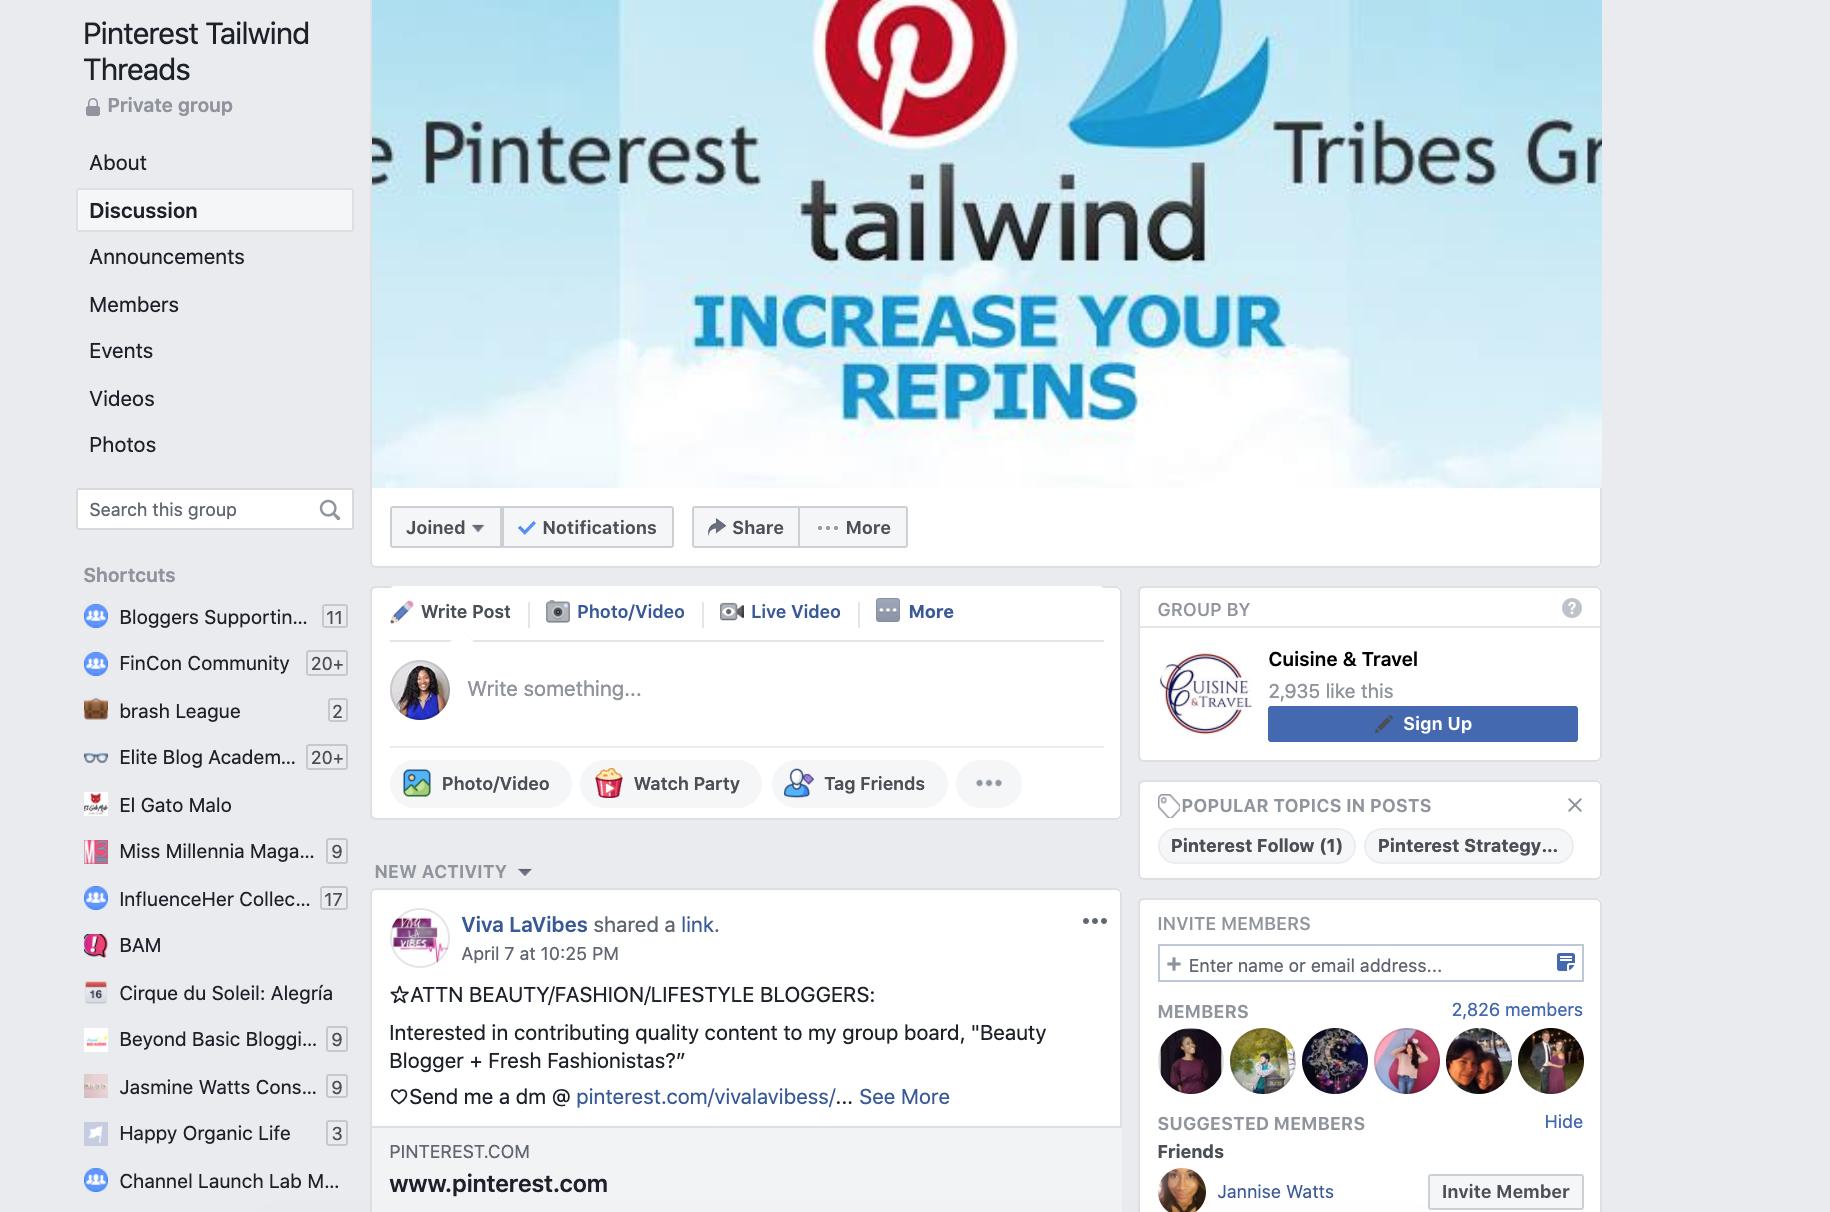 Pinterest Tailwind Threads